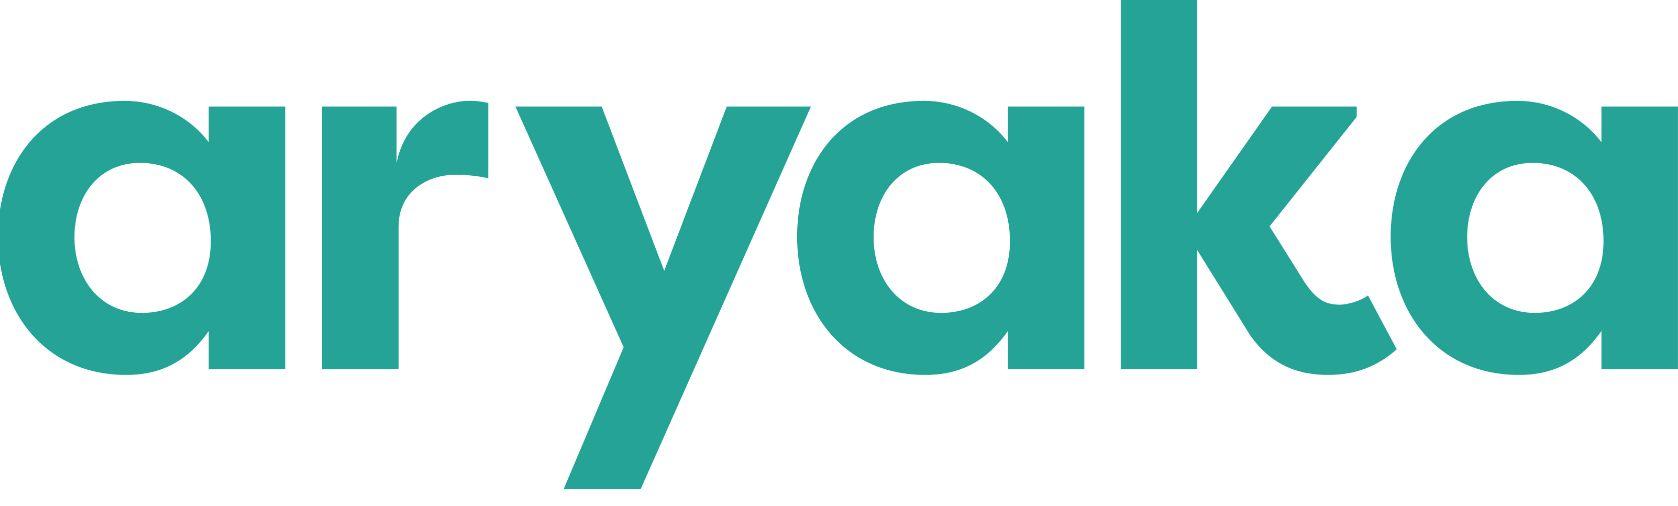 aryaka logo.jpg